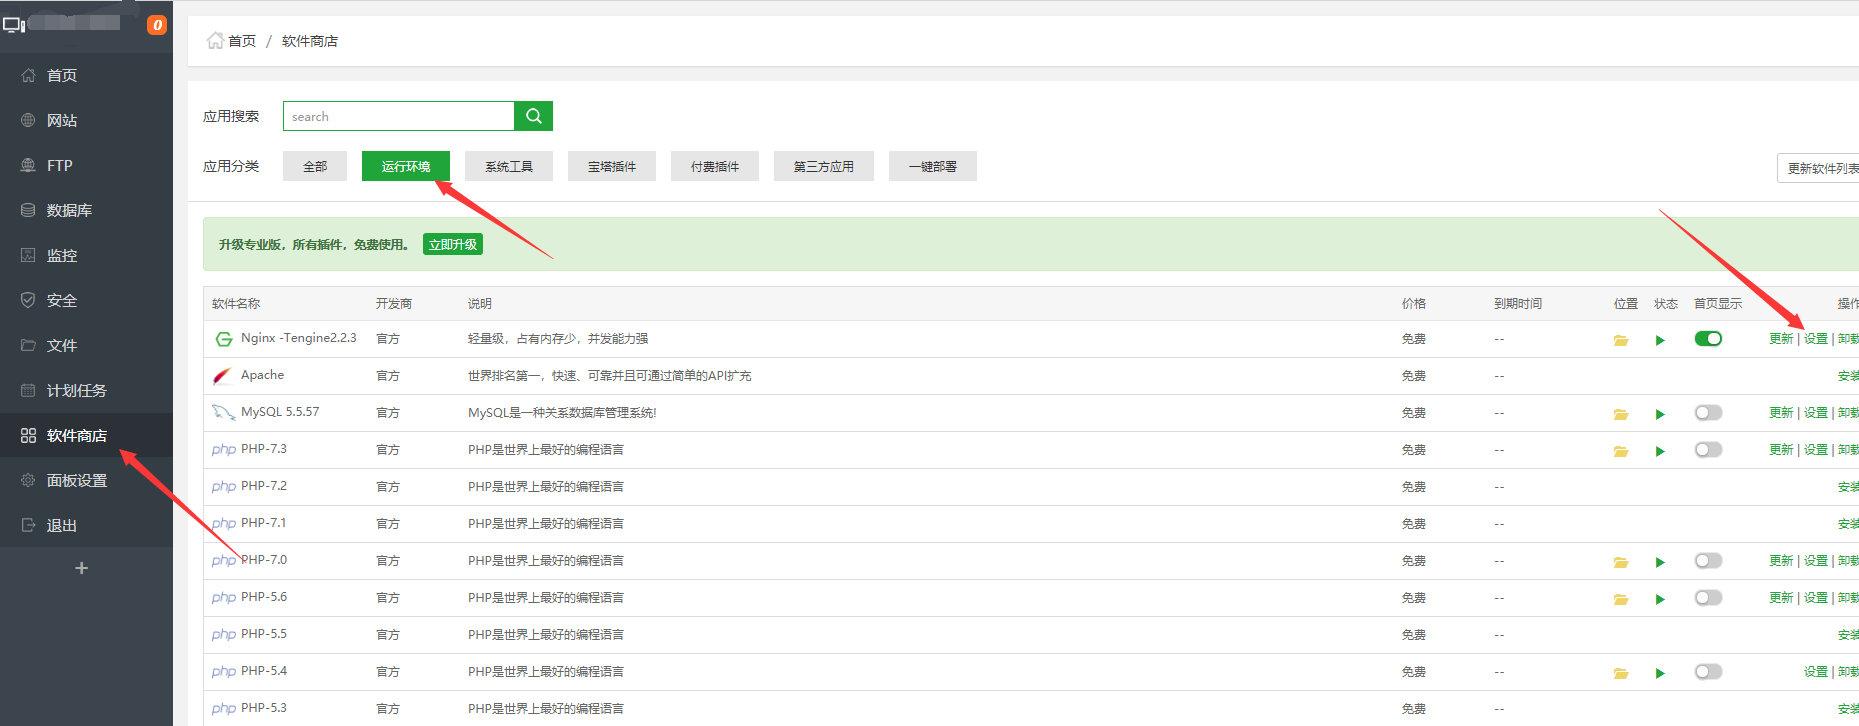 宝塔面板nginx_GZIP压缩9级(比较消耗CPU)